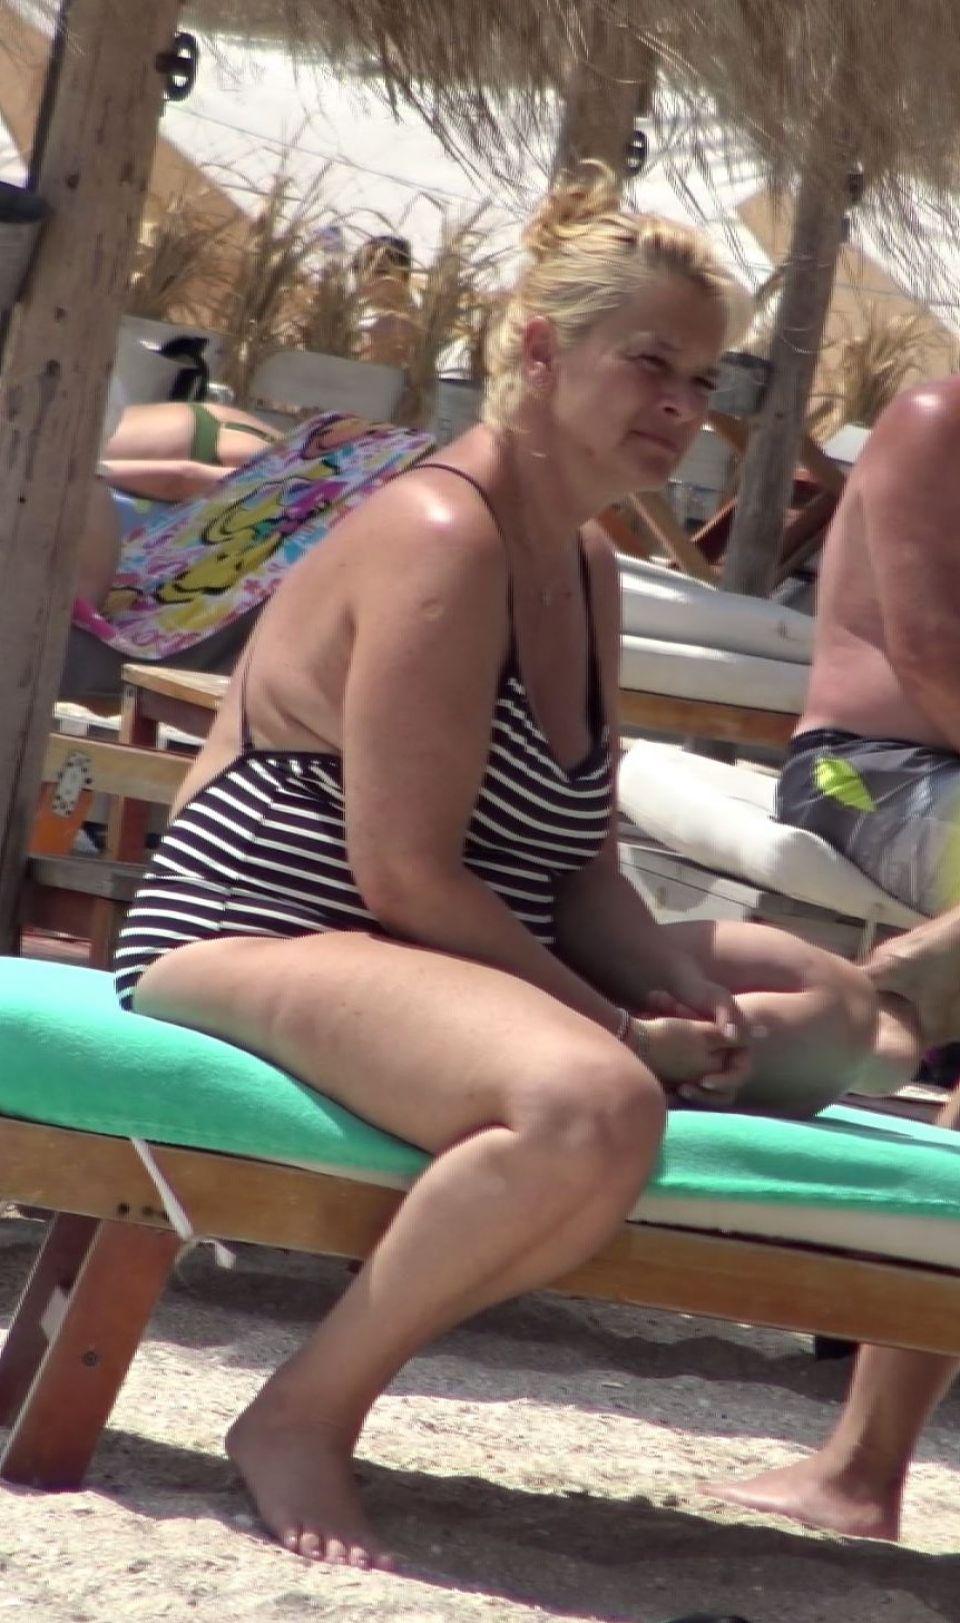 Sotia lui Horia Brenciu a aparut in costum de baie (2)